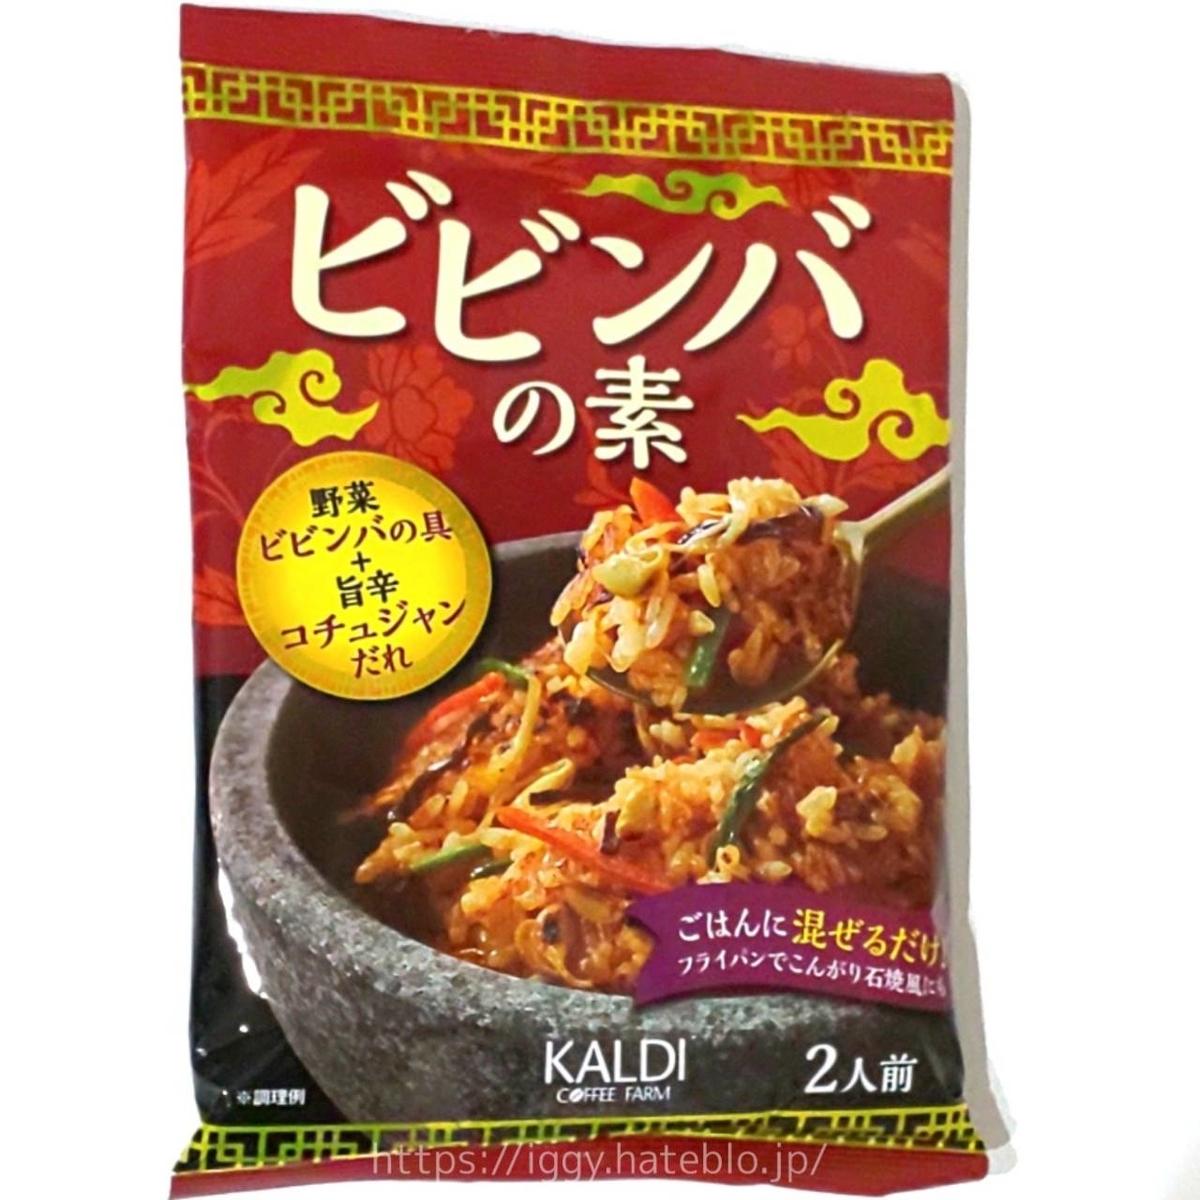 【カルディ】ご飯に混ぜるだけ「ビビンバの素」 LIFE